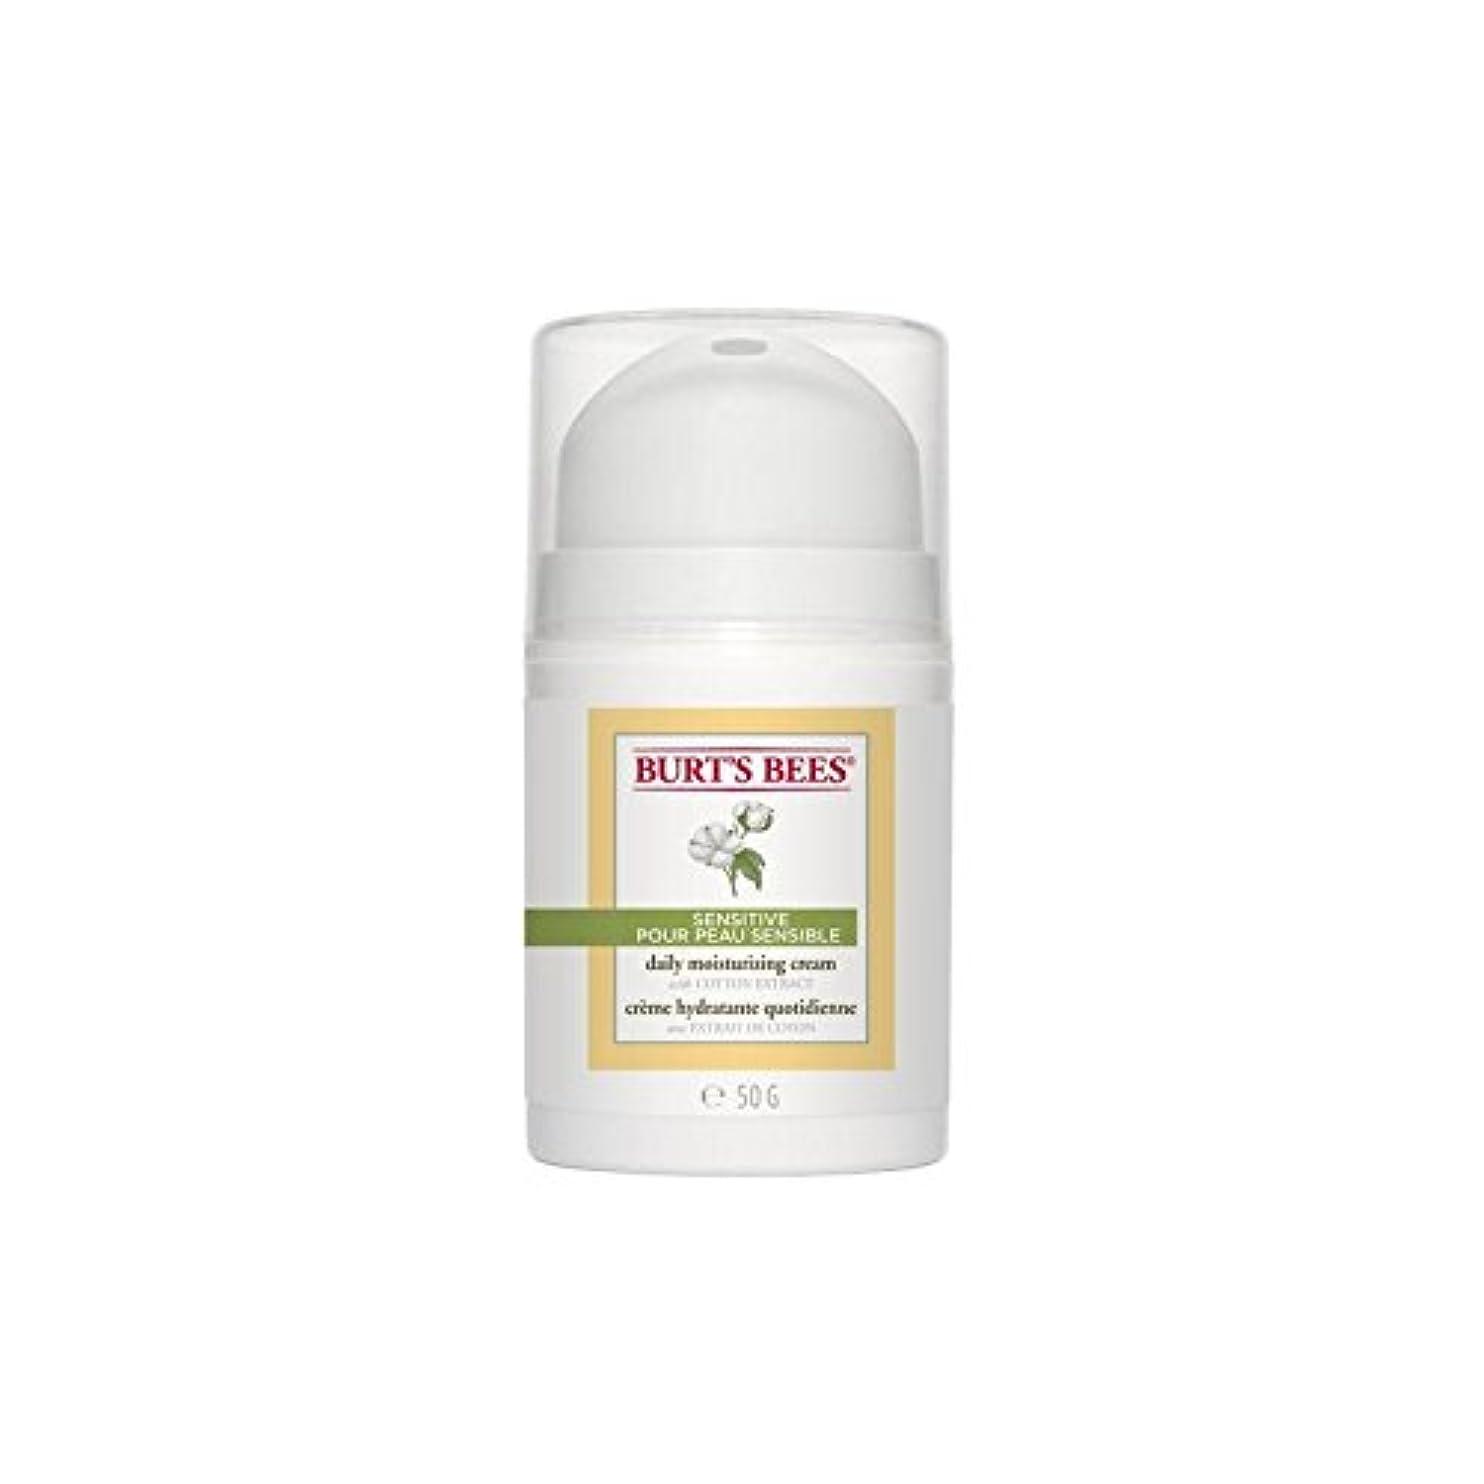 刈るぬるいパットバーツビー敏感毎日保湿クリーム50グラム x4 - Burt's Bees Sensitive Daily Moisturising Cream 50G (Pack of 4) [並行輸入品]